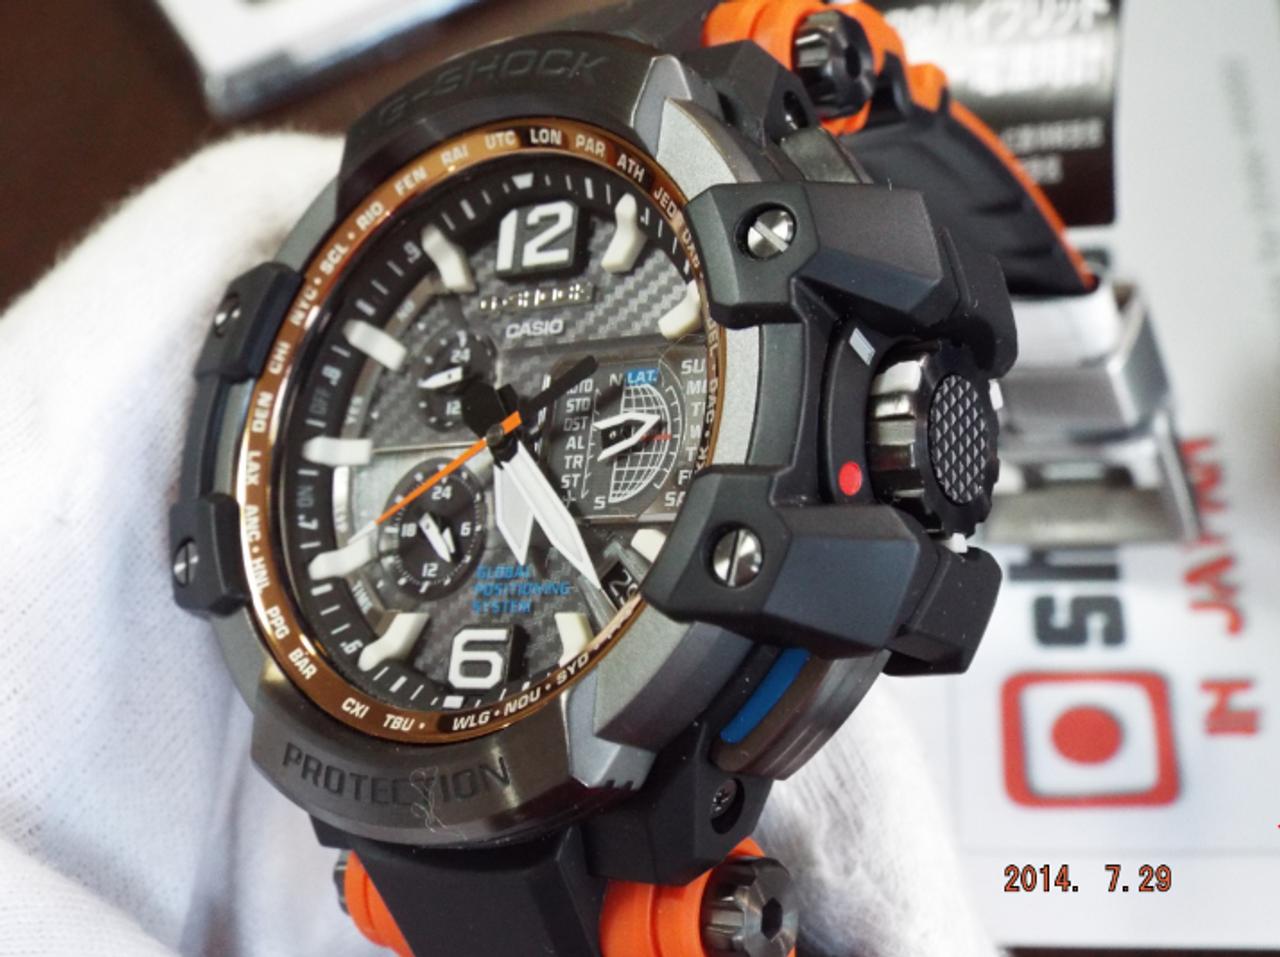 G-Shock GPW-1000-4AJF